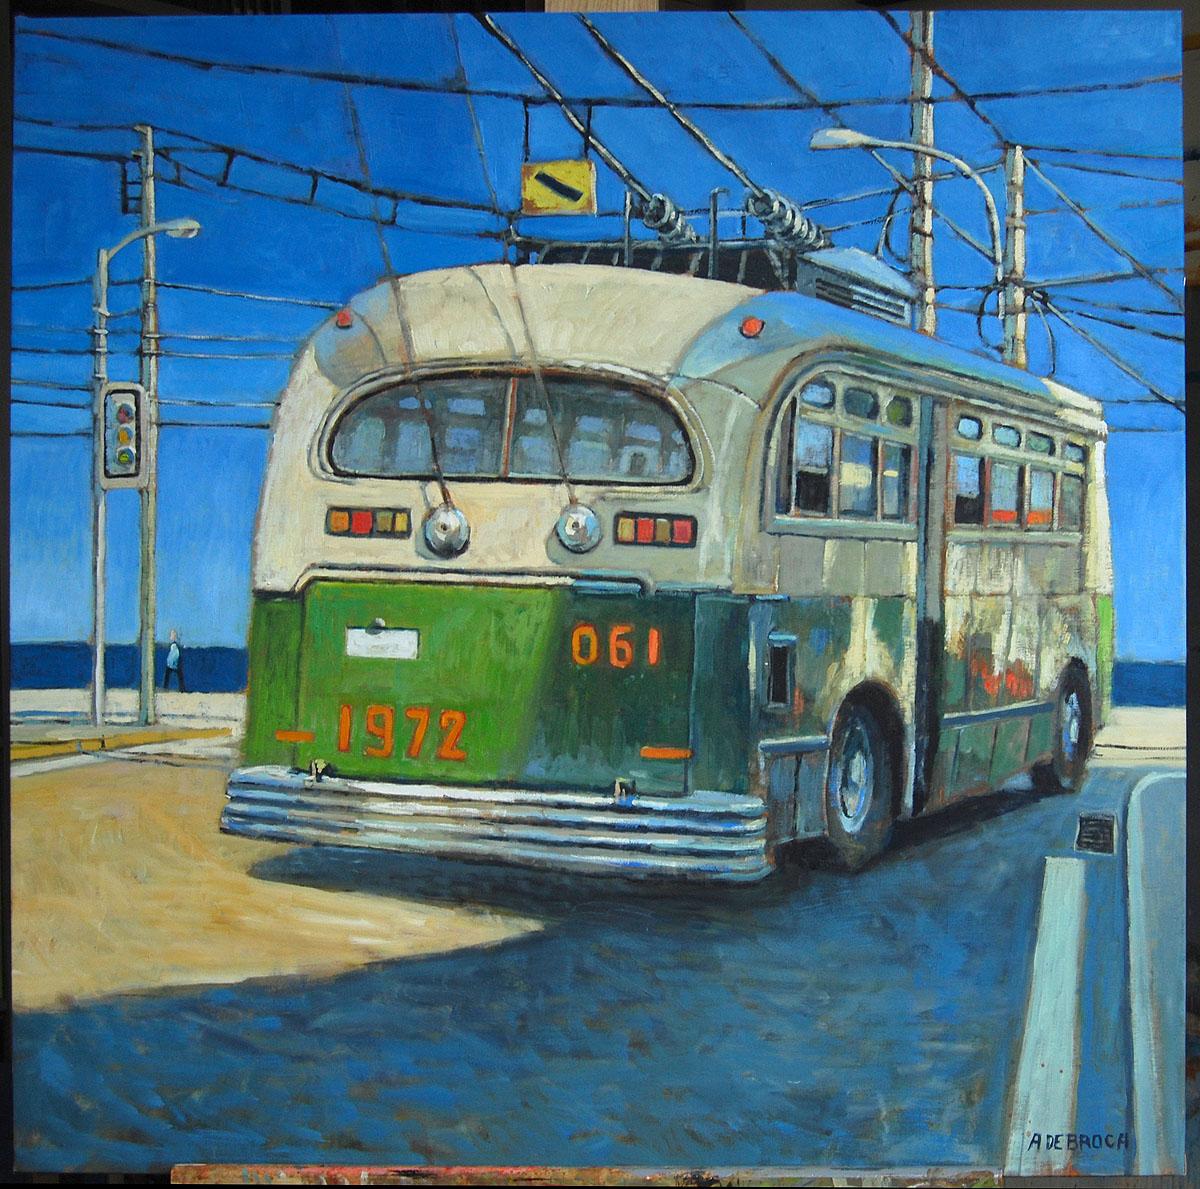 Le Bus de Valparaiso